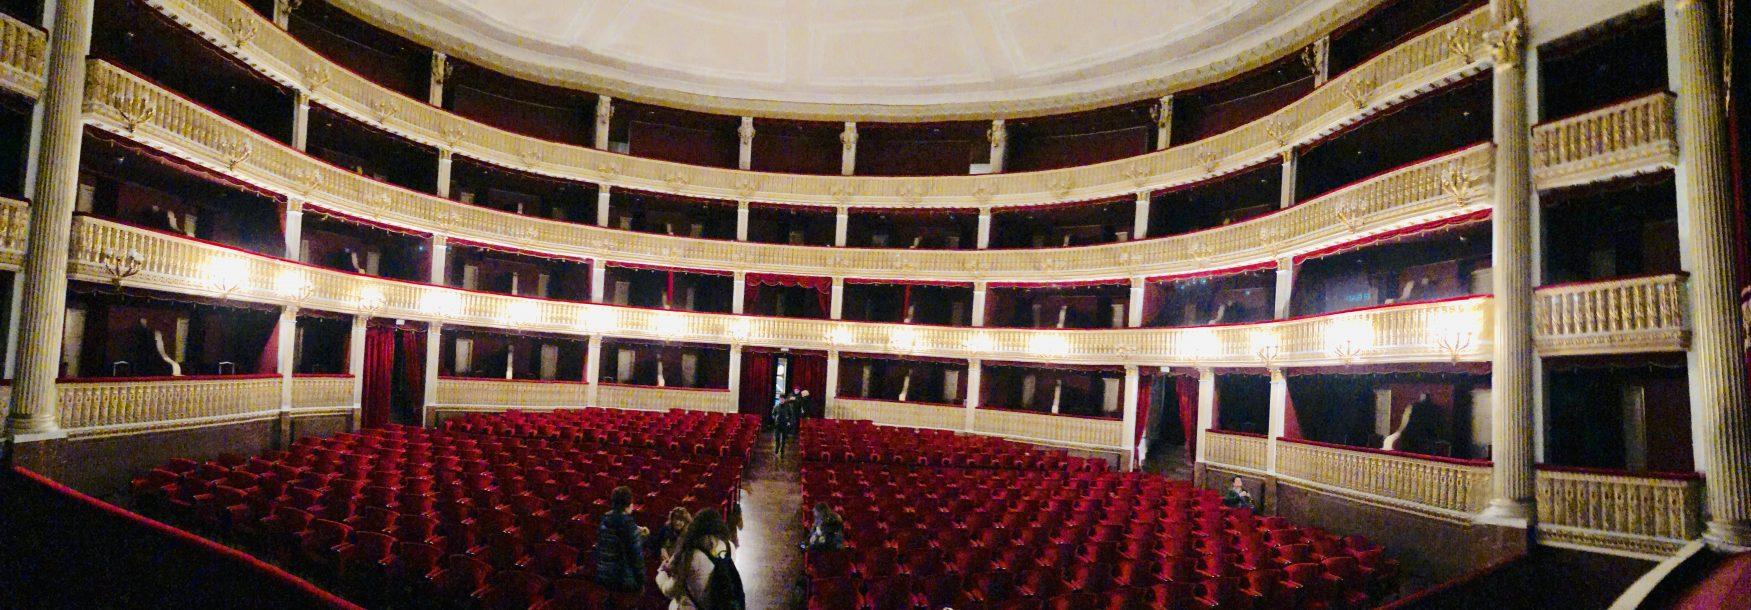 Blick in das Theater